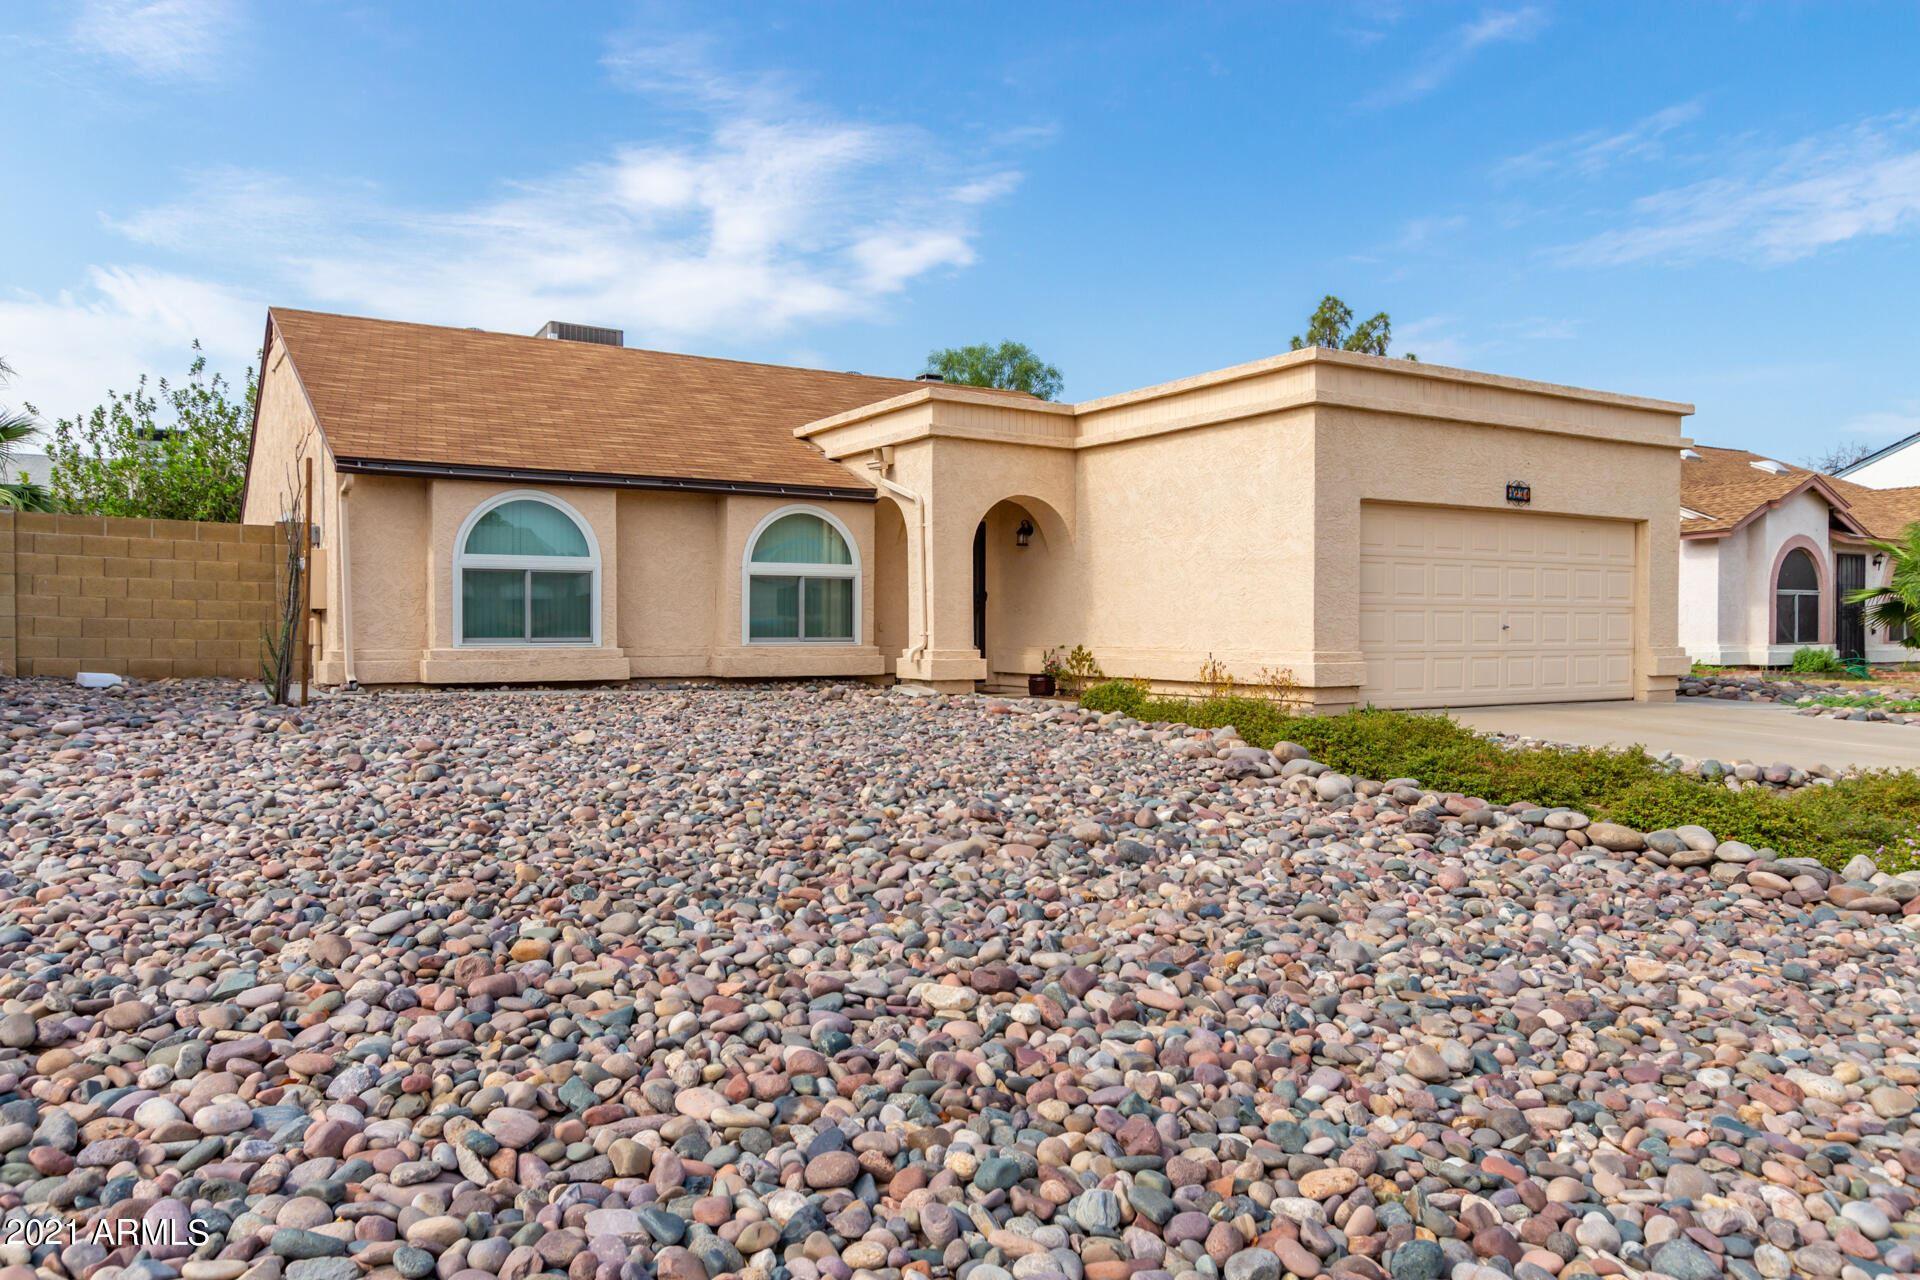 Photo of 9231 W YUCCA Street, Peoria, AZ 85345 (MLS # 6268877)